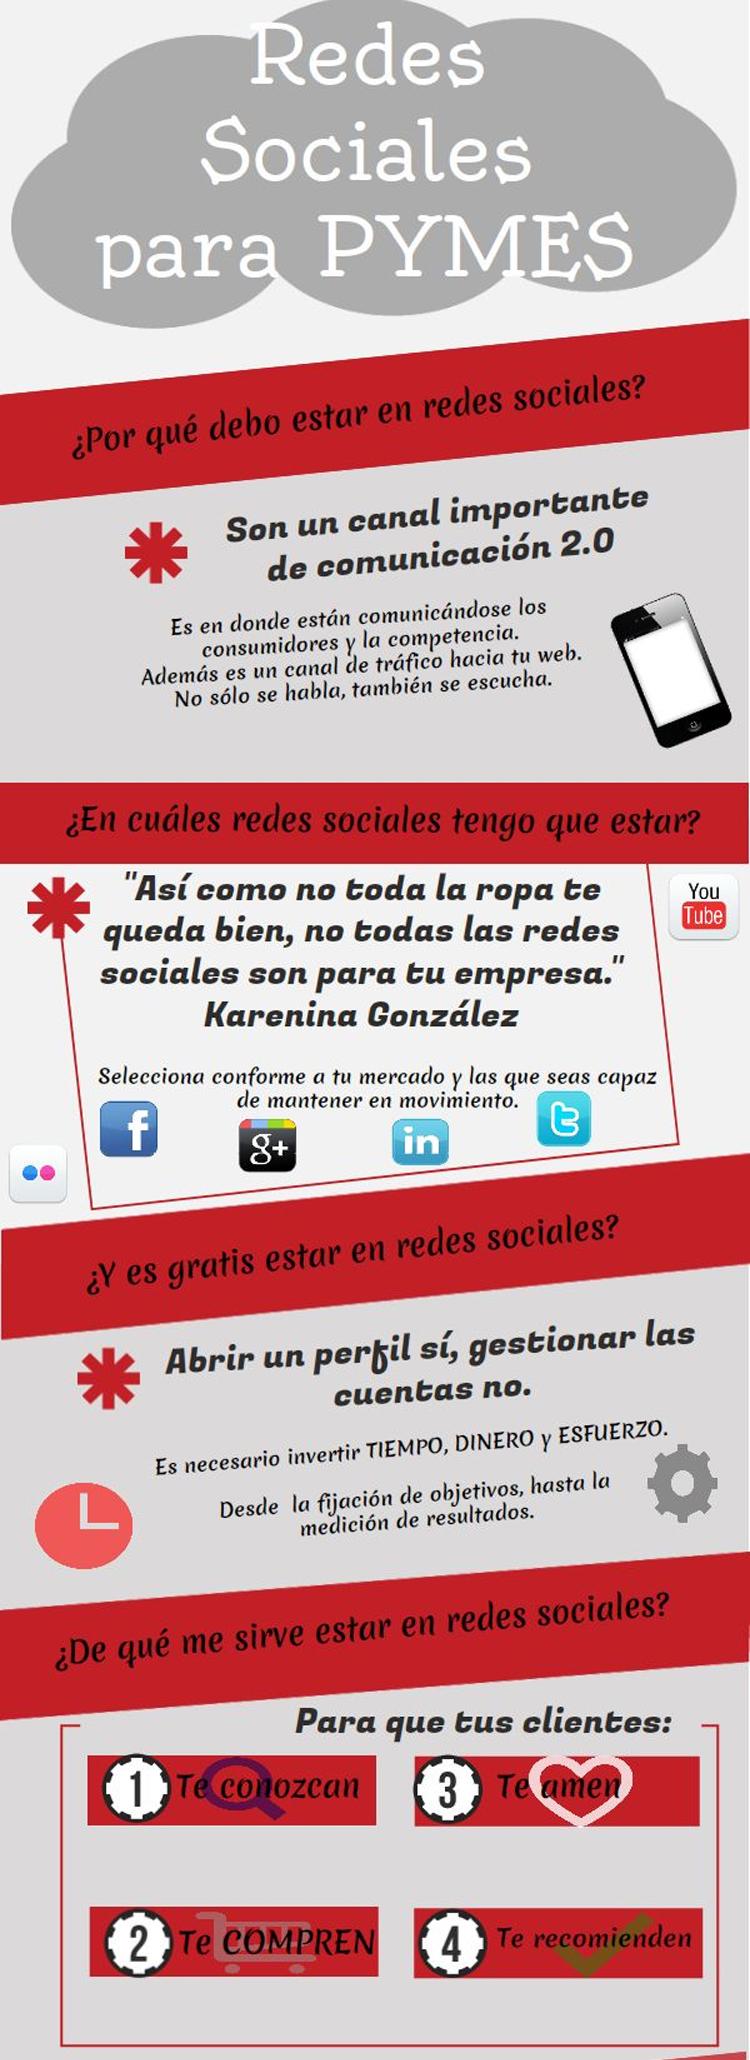 redes sociales y marketing online